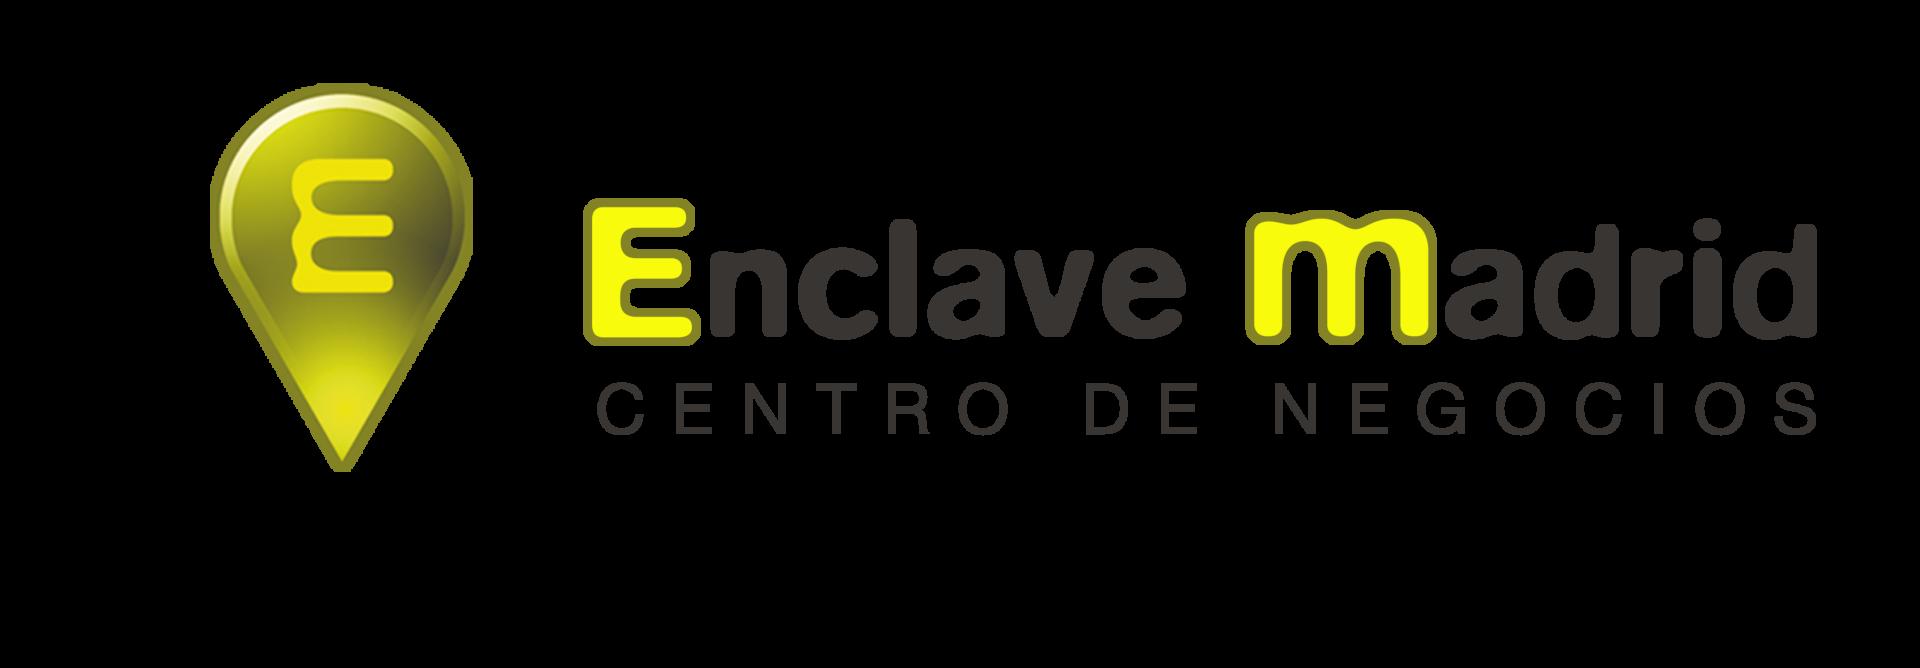 Enclave Madrid Centro de Negocios